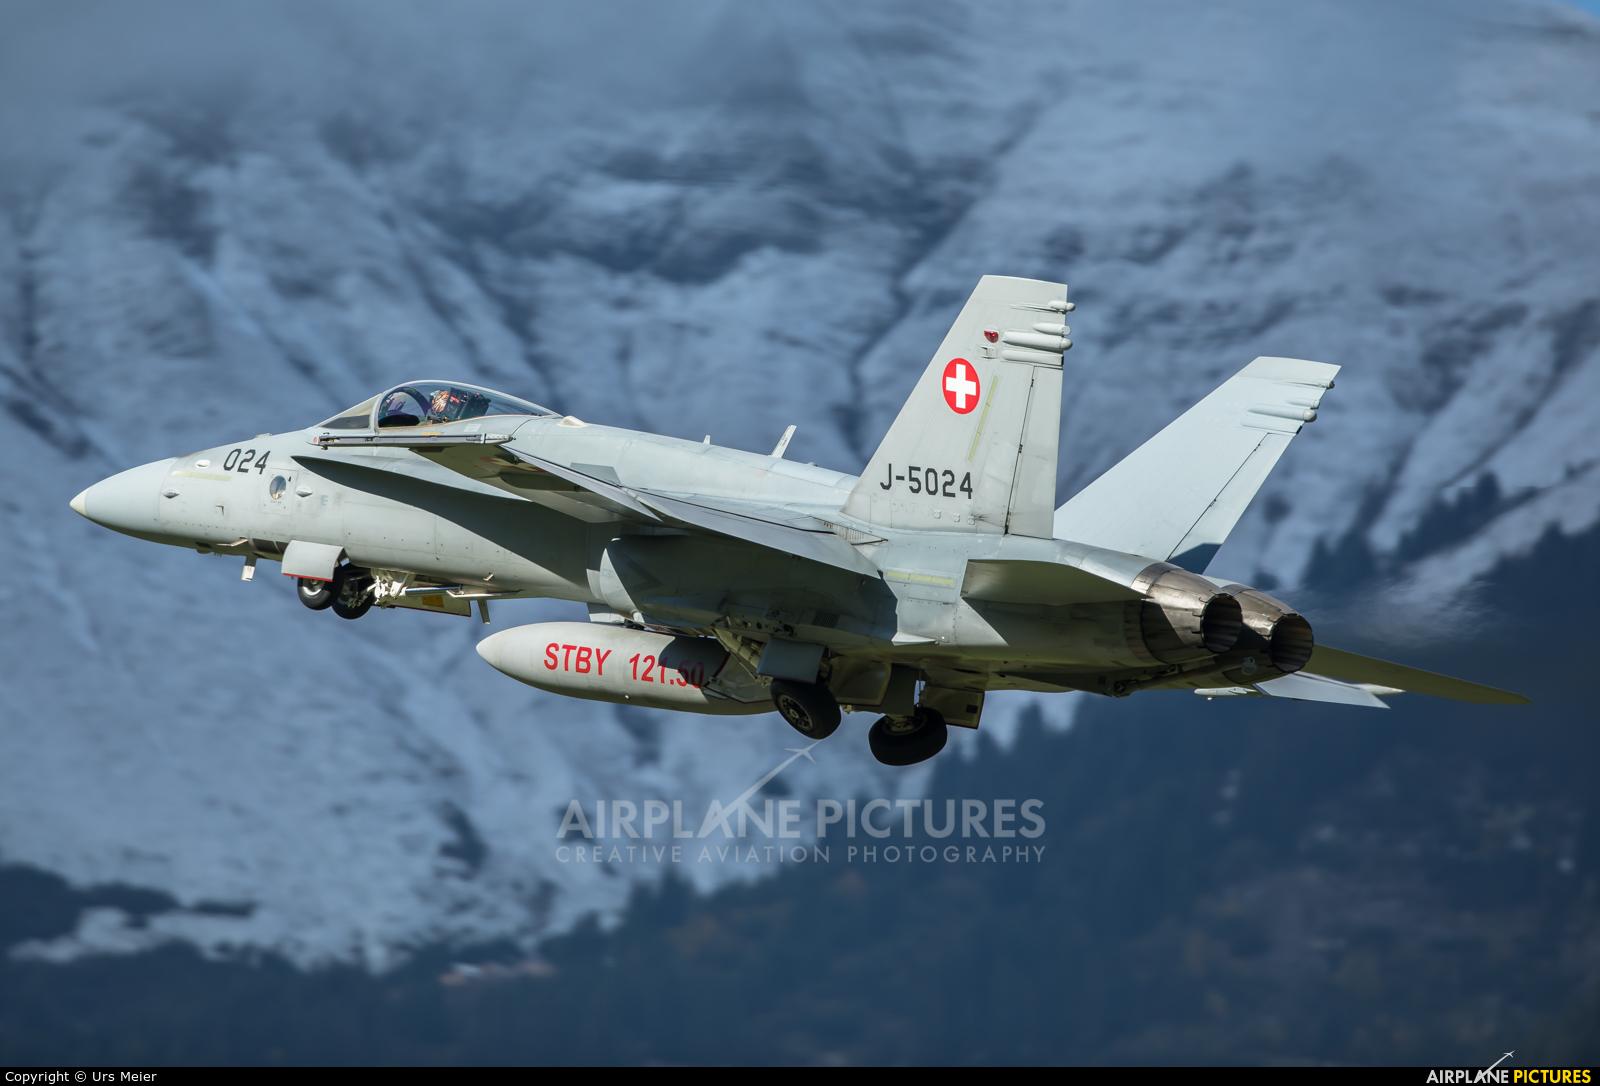 Switzerland - Air Force J-5024 aircraft at Meiringen